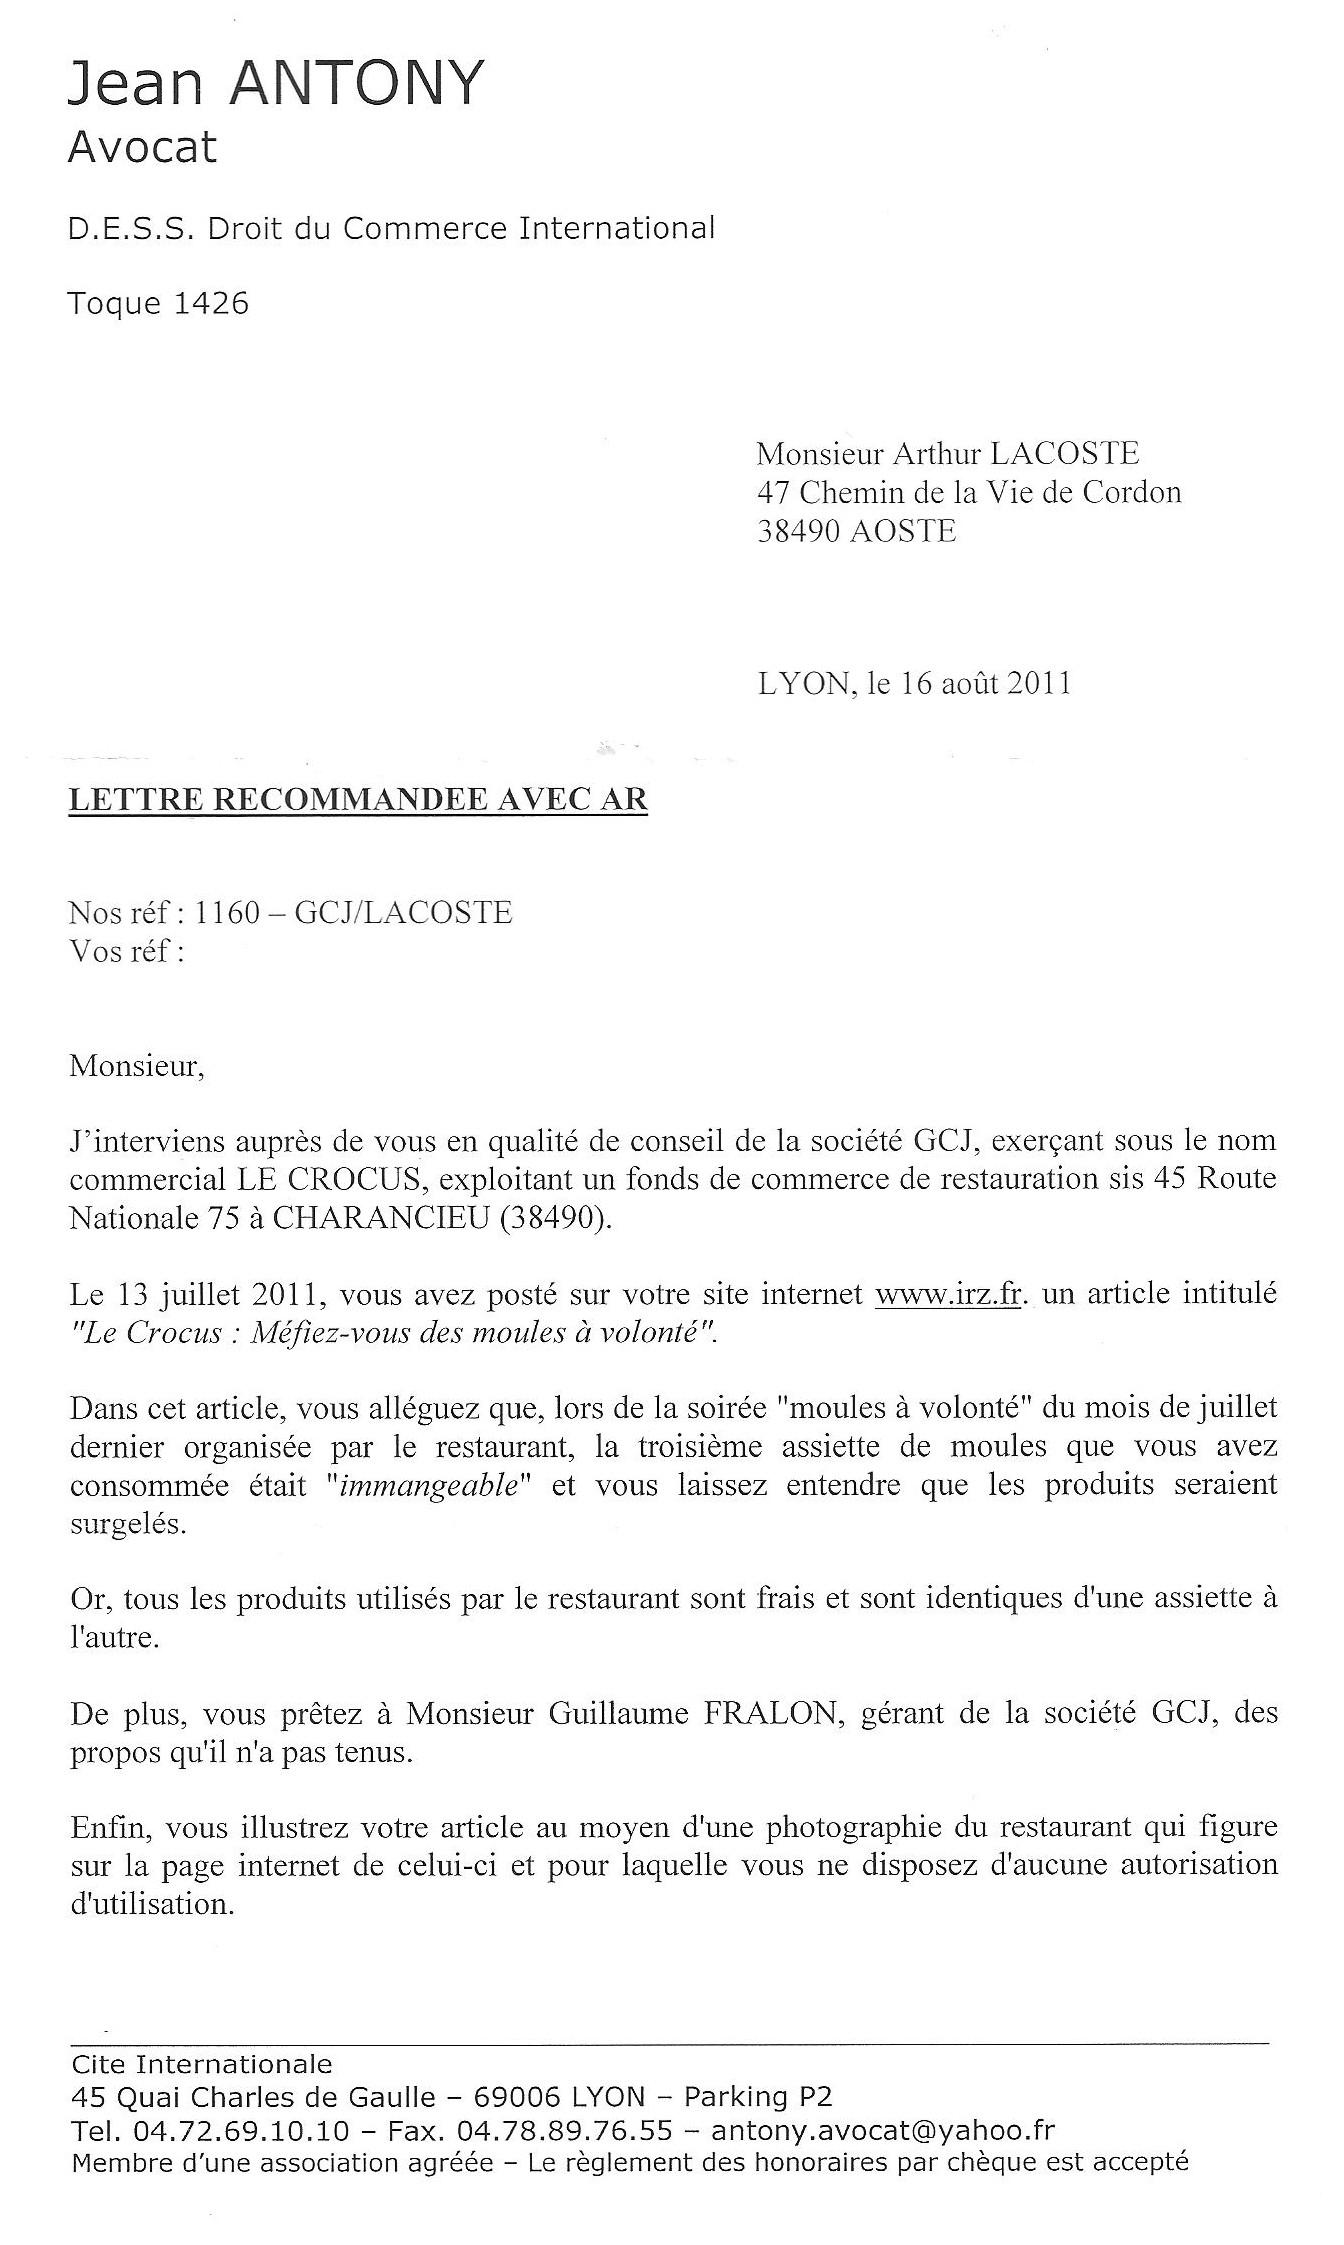 Lettre de demission avec accusé de reception - Modèle de lettre